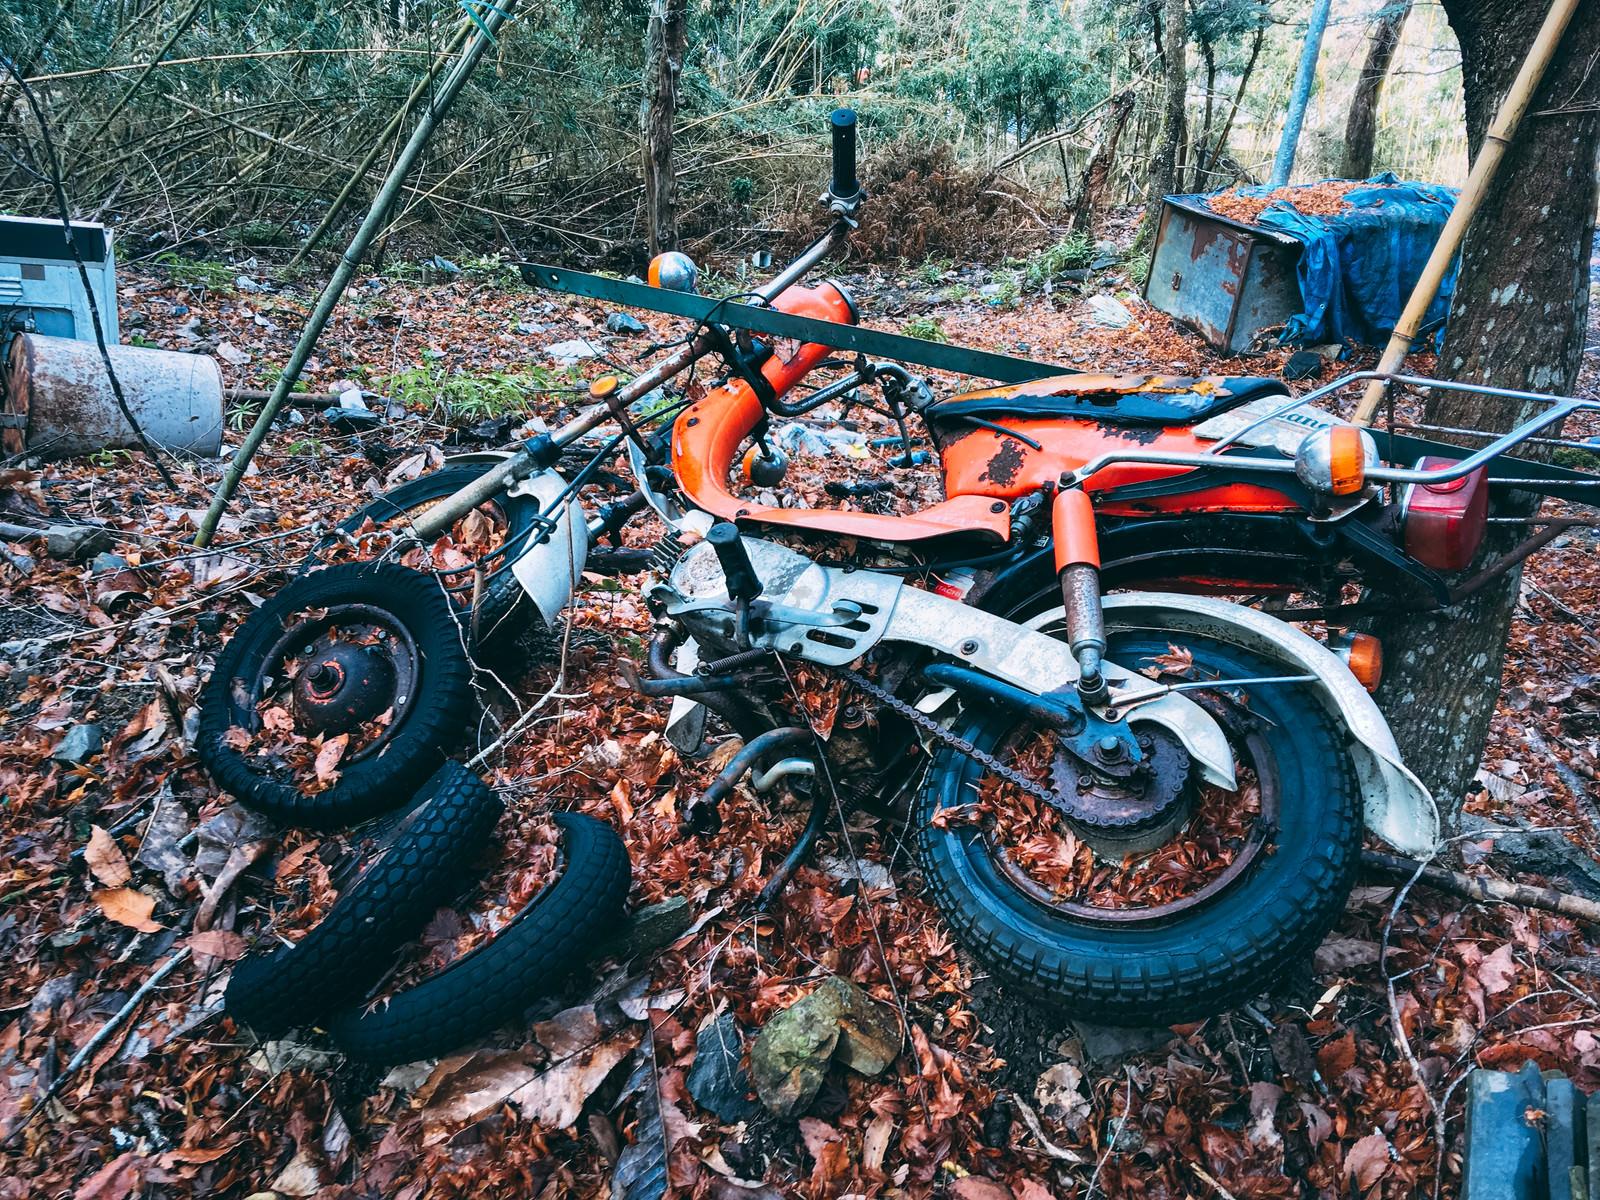 「廃棄され錆付き落ち葉に埋もれかけたバイク」の写真